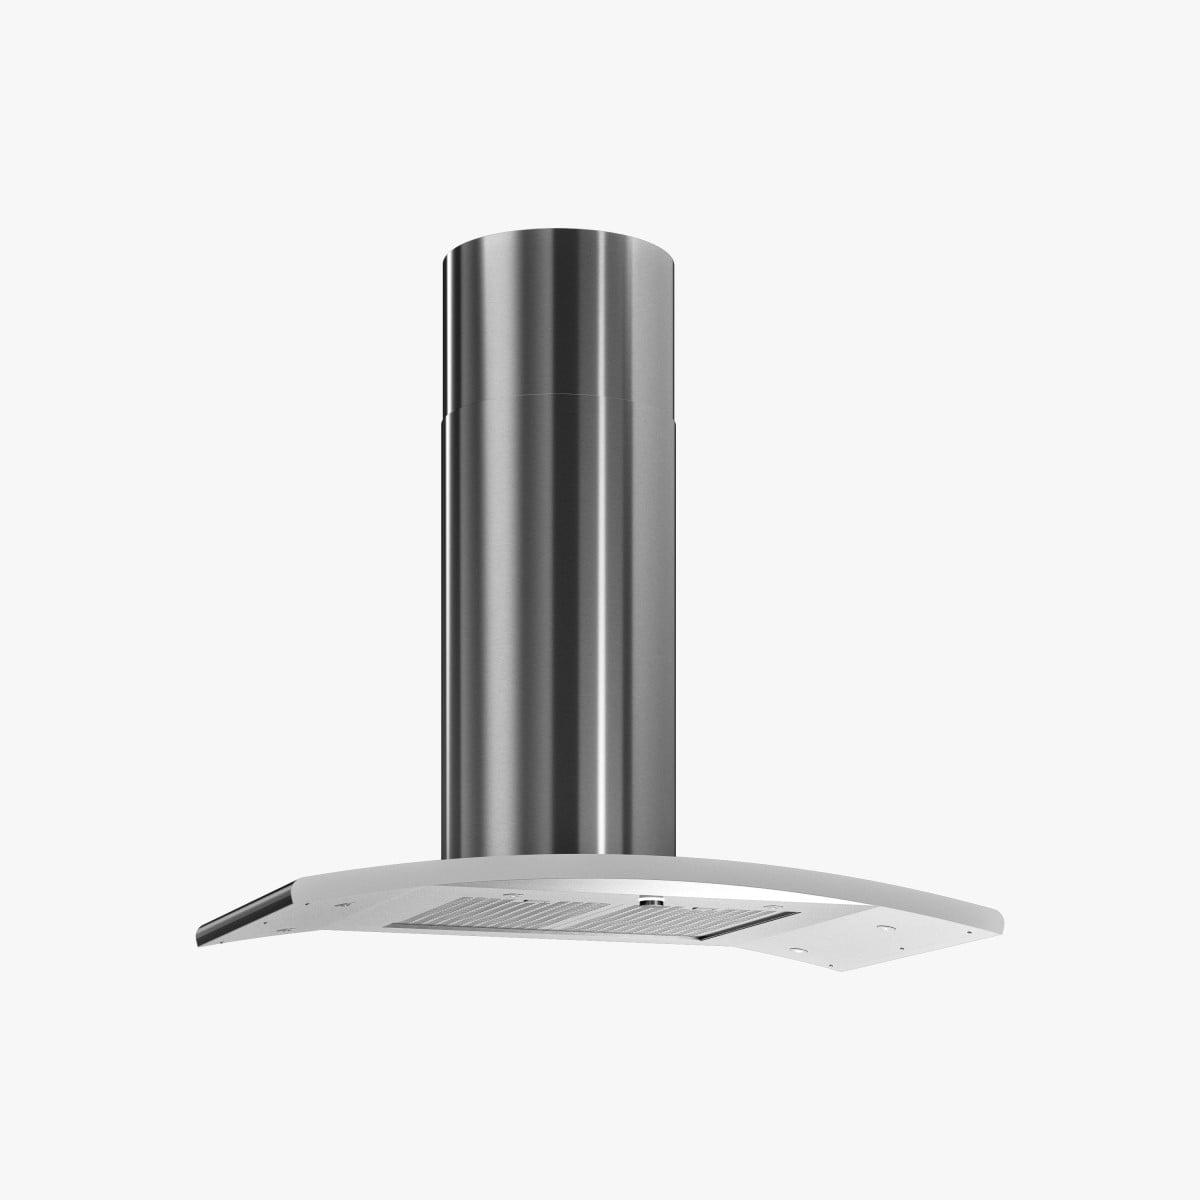 Produktbild på köksfläkten Signum 95 cm i rostfritt utförande.